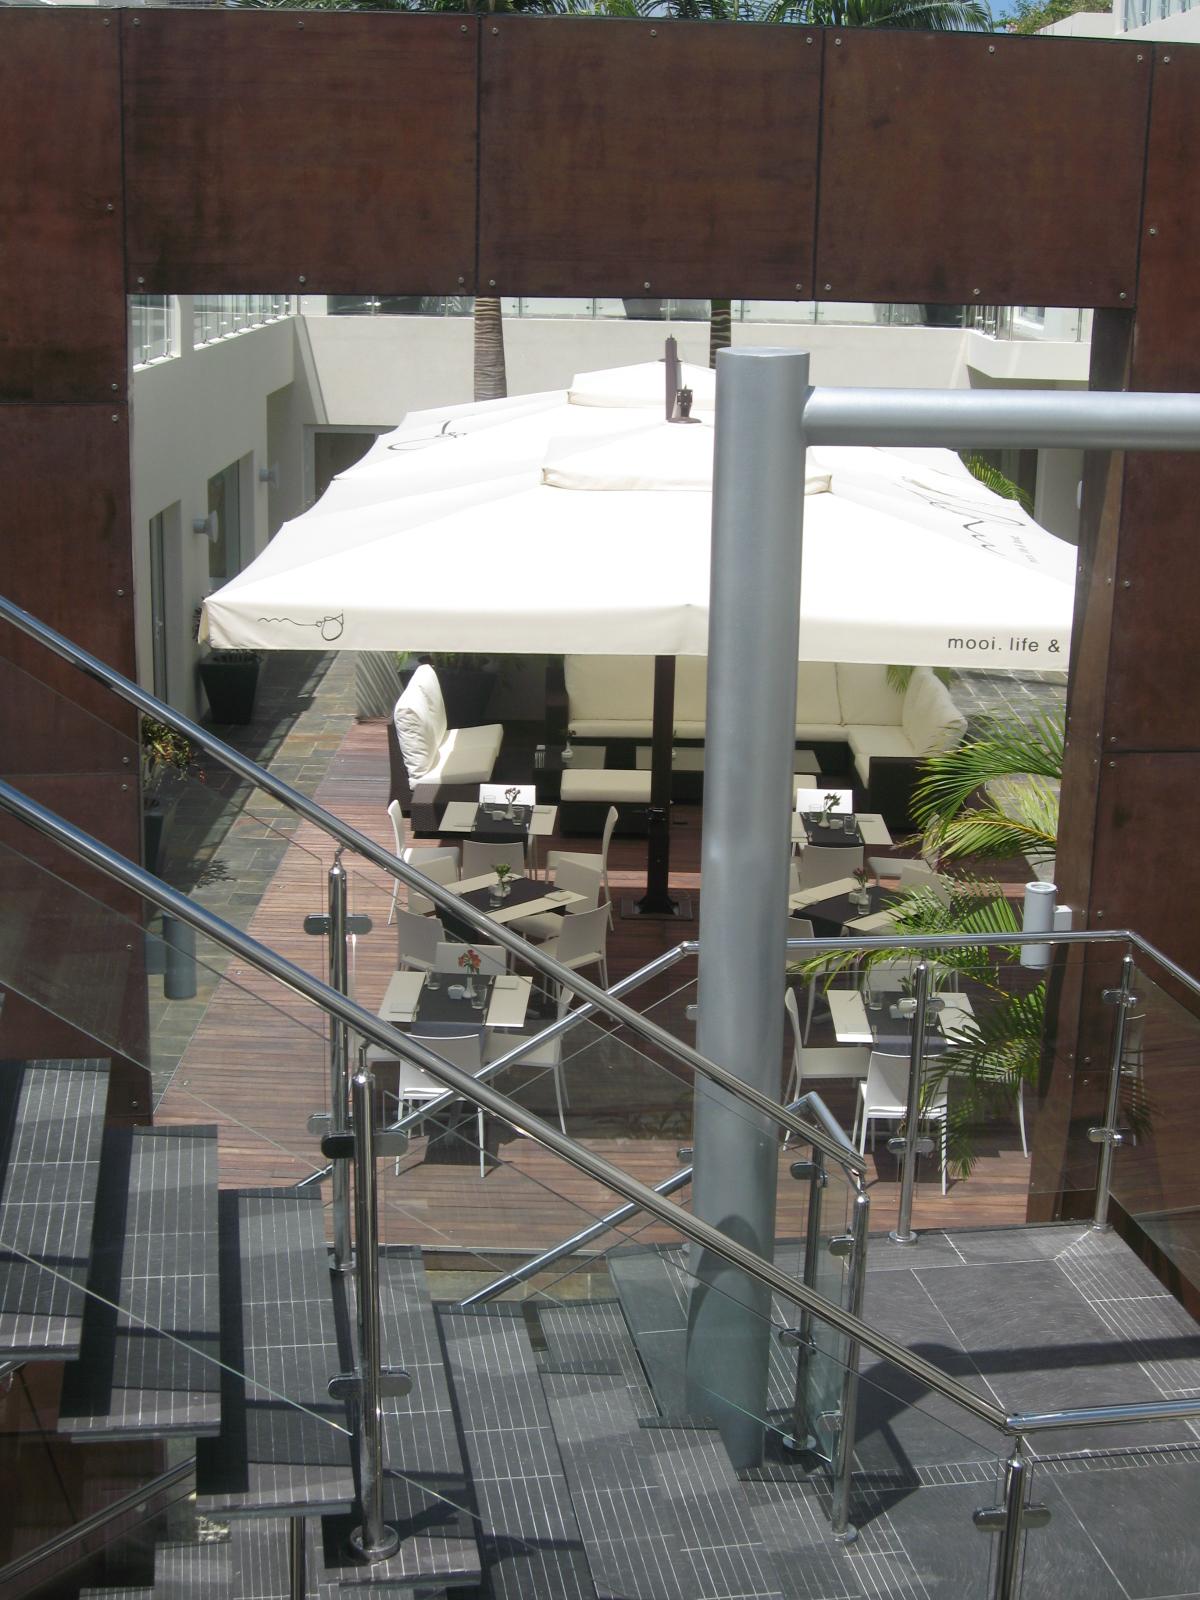 Puerta del Sol Plaza - e026a-IMG_2229.JPG